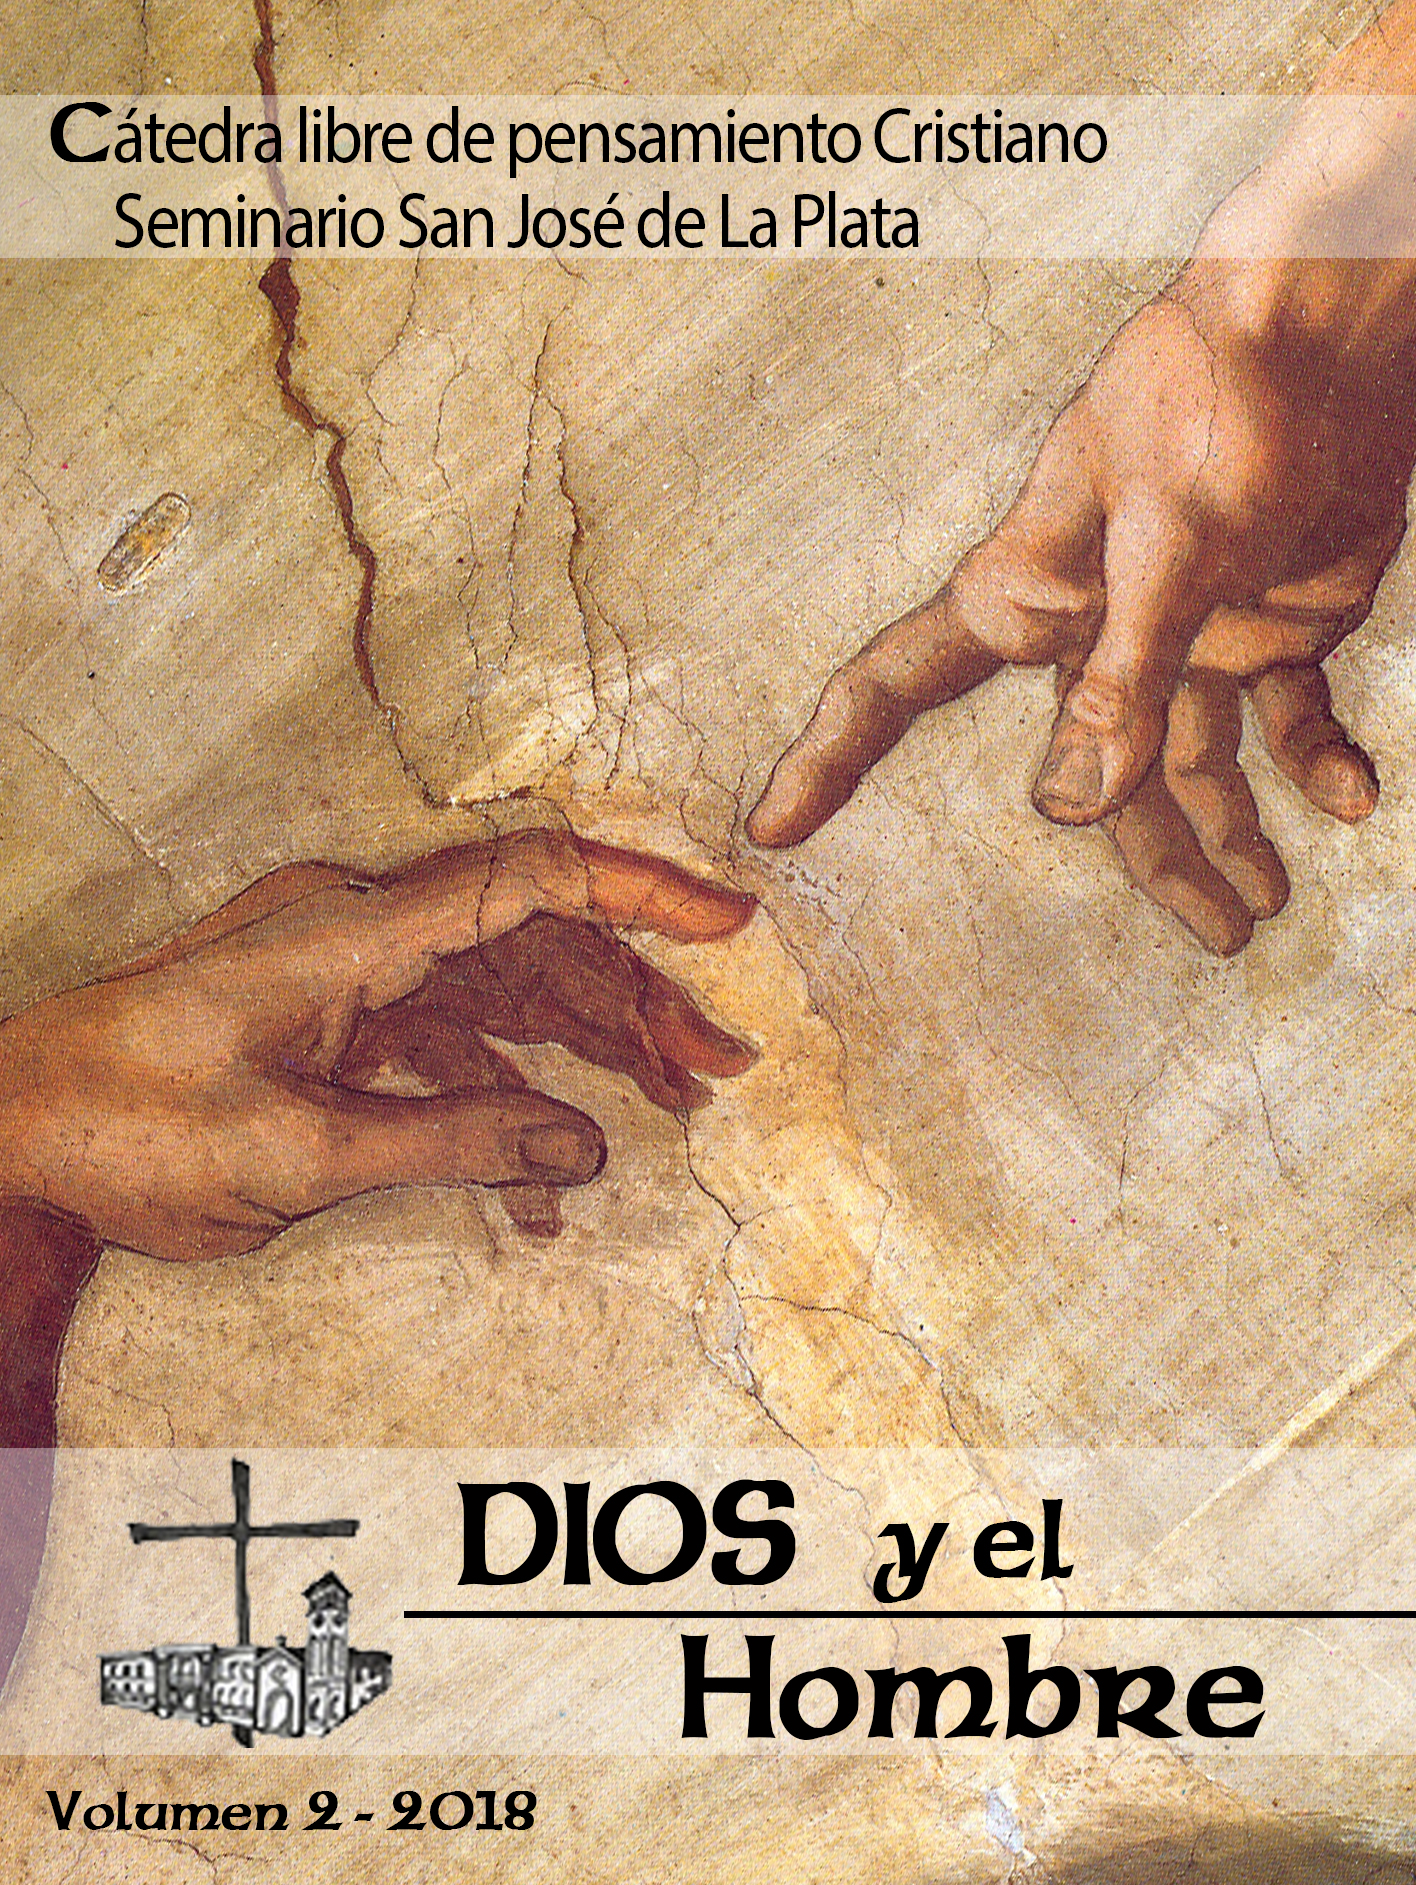 Cátedra libre de pensamiento Cristiano - Seminario San José de La Plata - Revista Dios y el hombre - volumen 2 - 2018